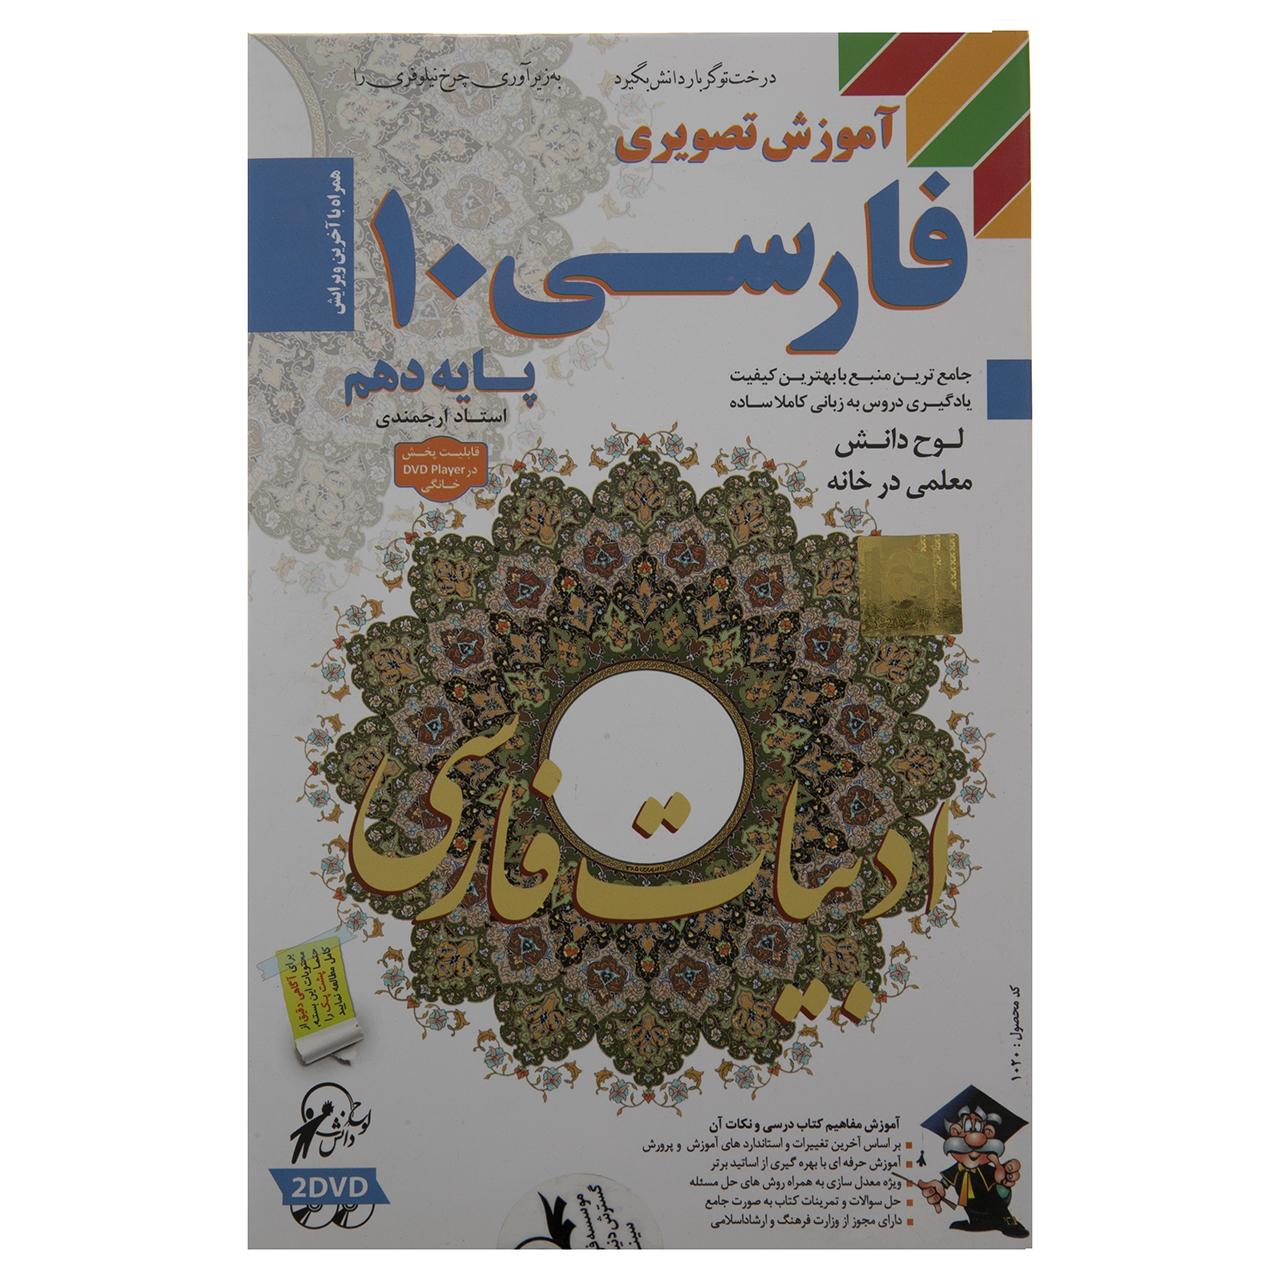 آموزش تصویری فارسی پایه دهم نشر لوح دانش